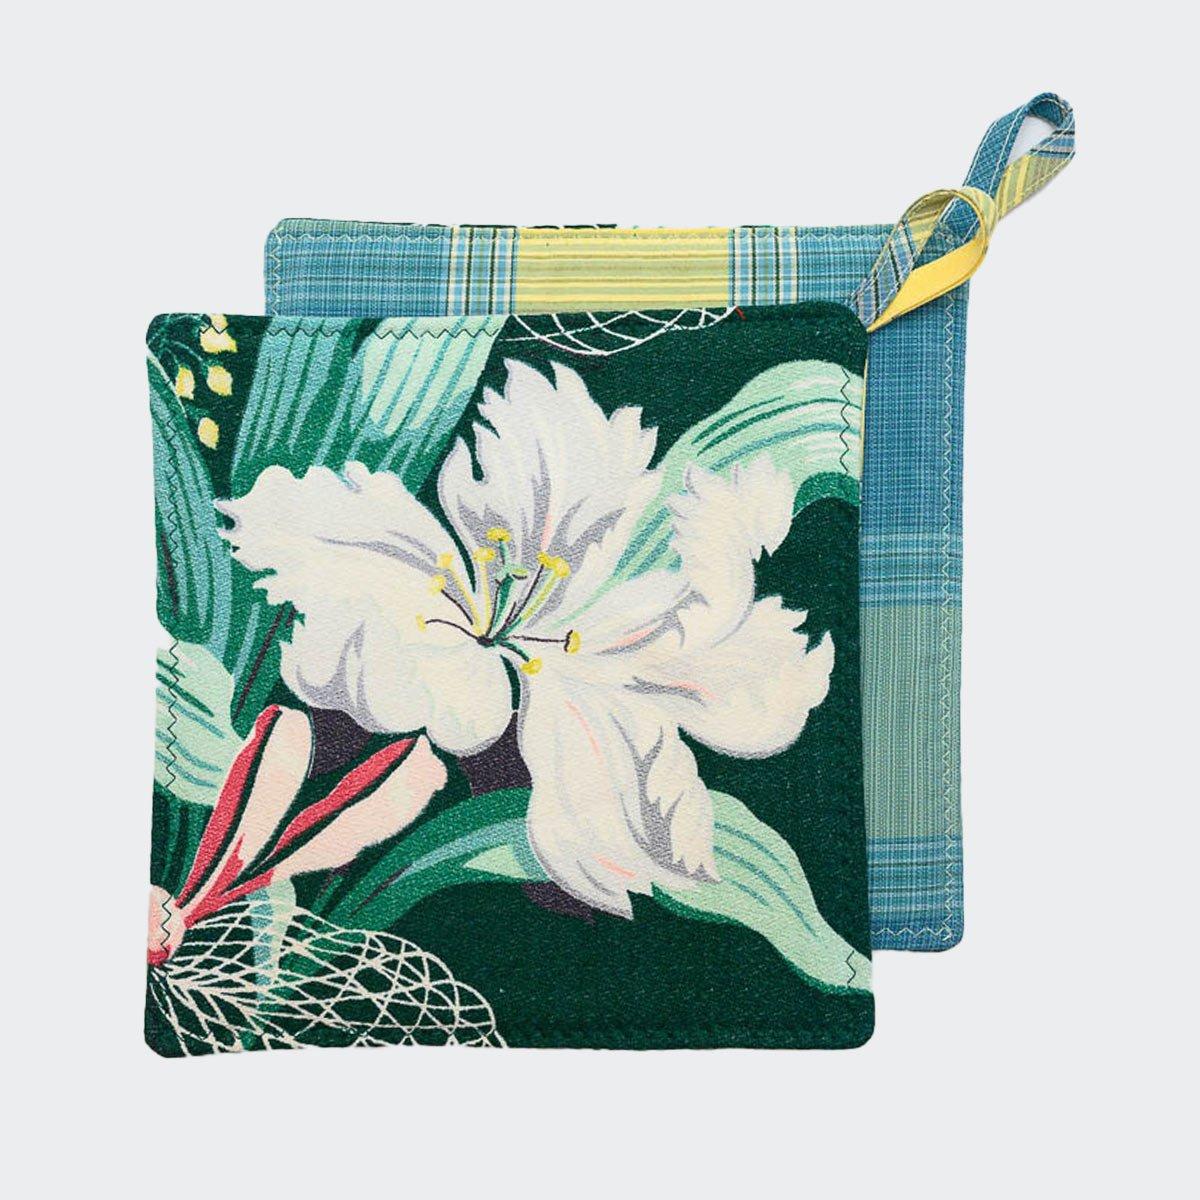 potholders_floral_motif_on_green-MLP_6148